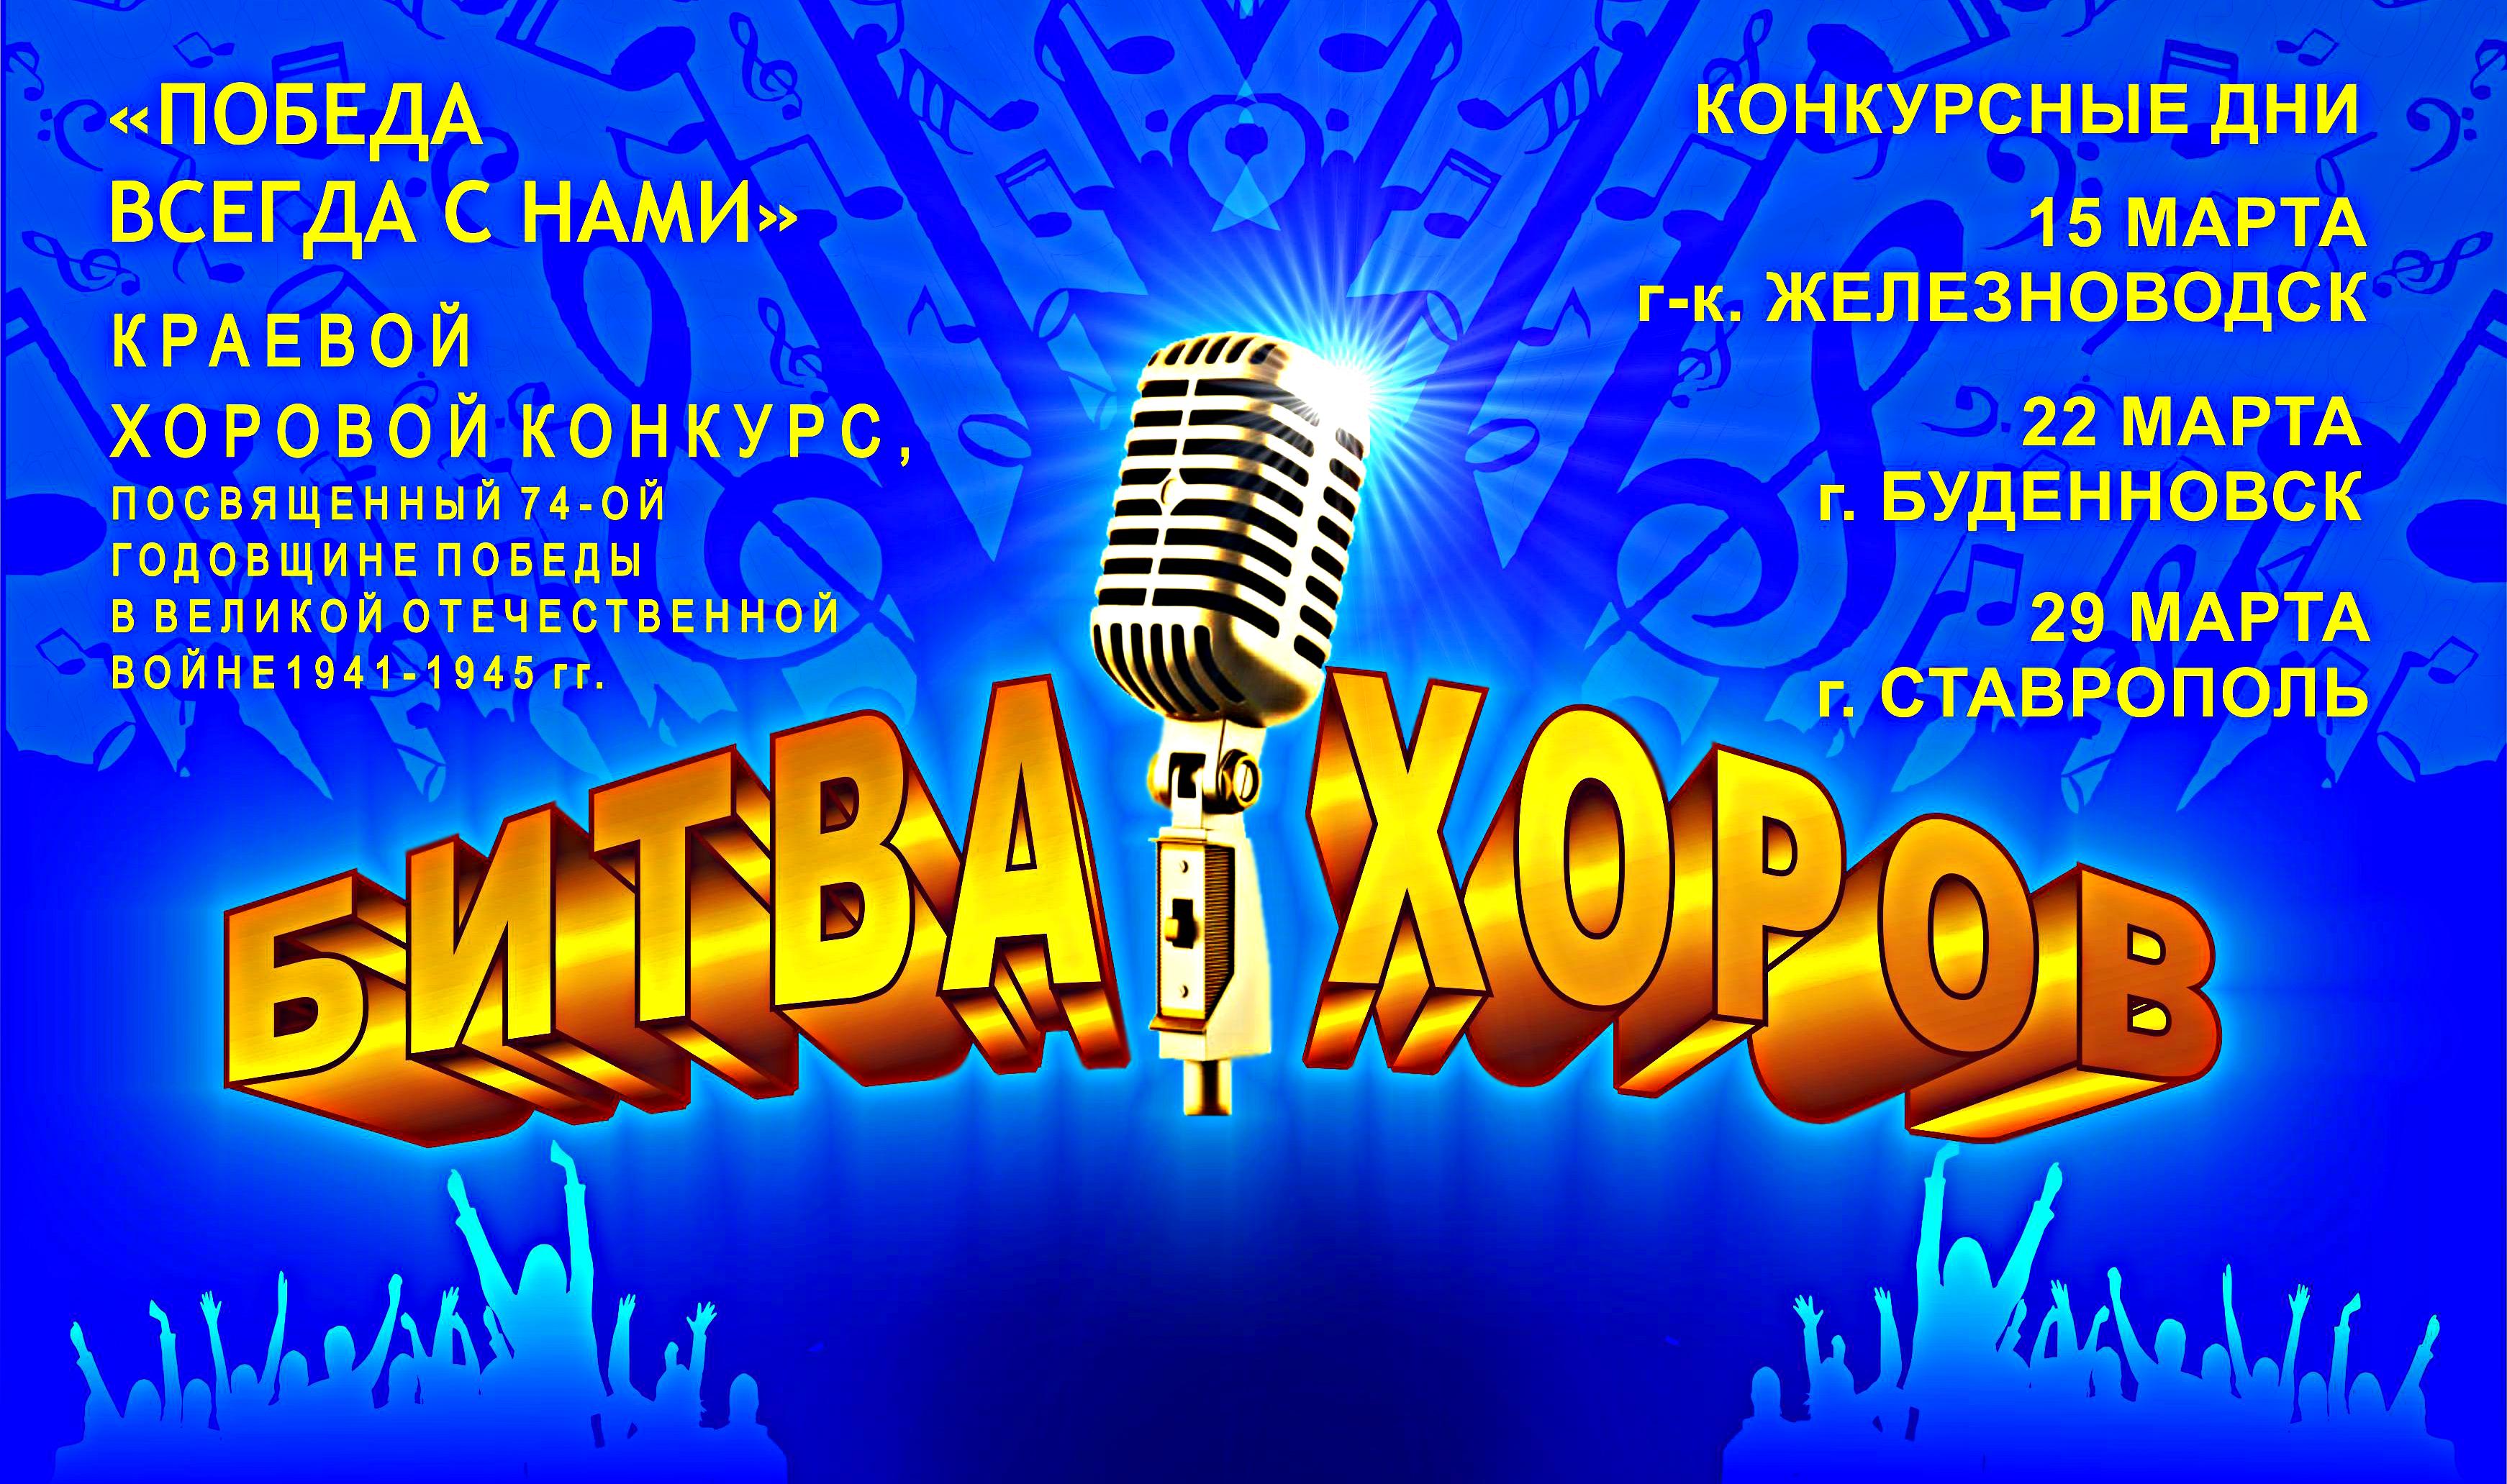 Открыт прием заявок на участие в краевом конкурсе Битва хоров «Победа всегда с нами»